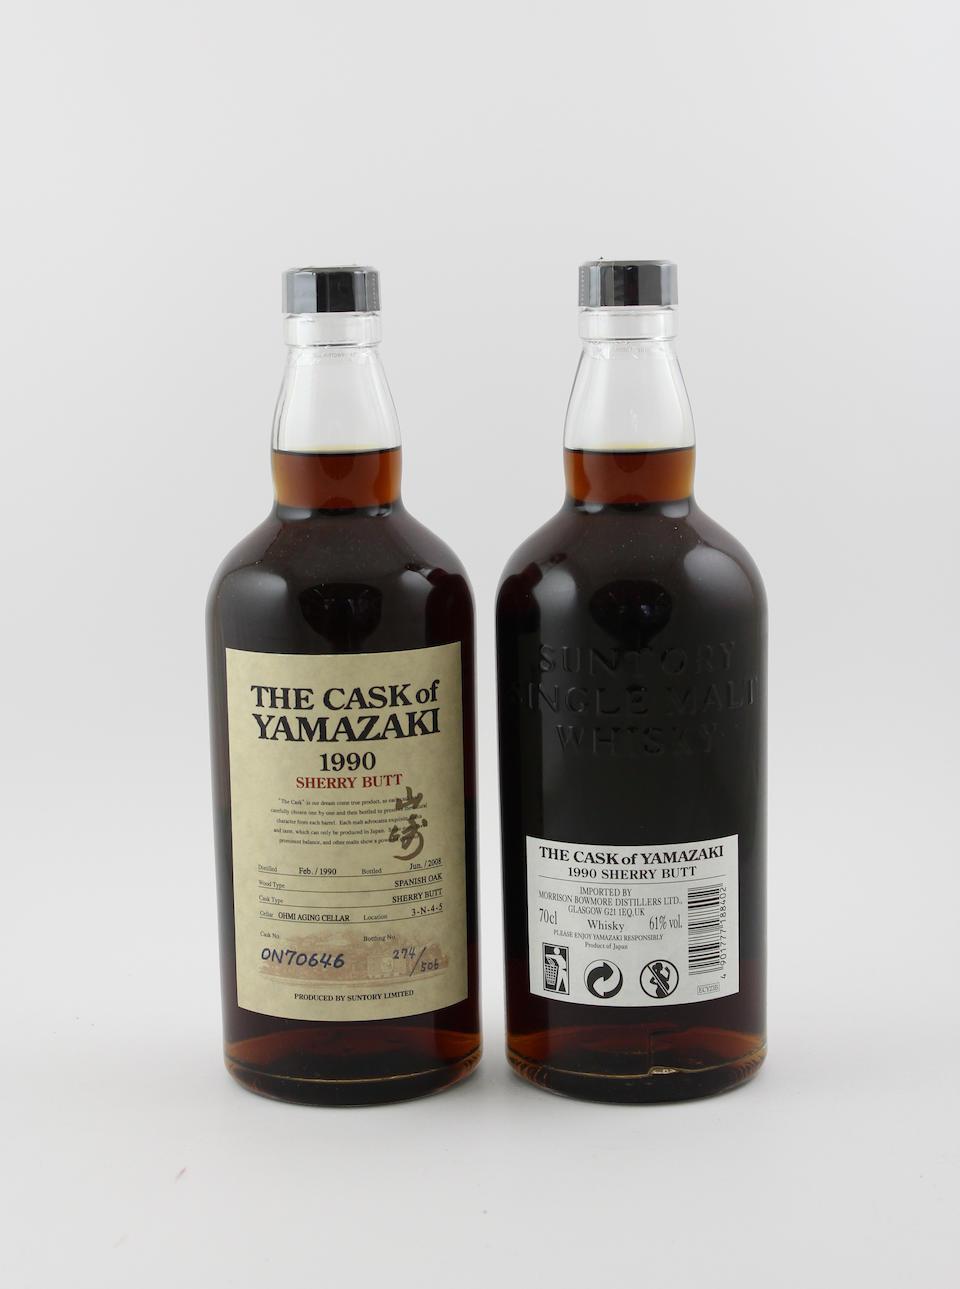 The Cask of Yamazaki-1990 (2)